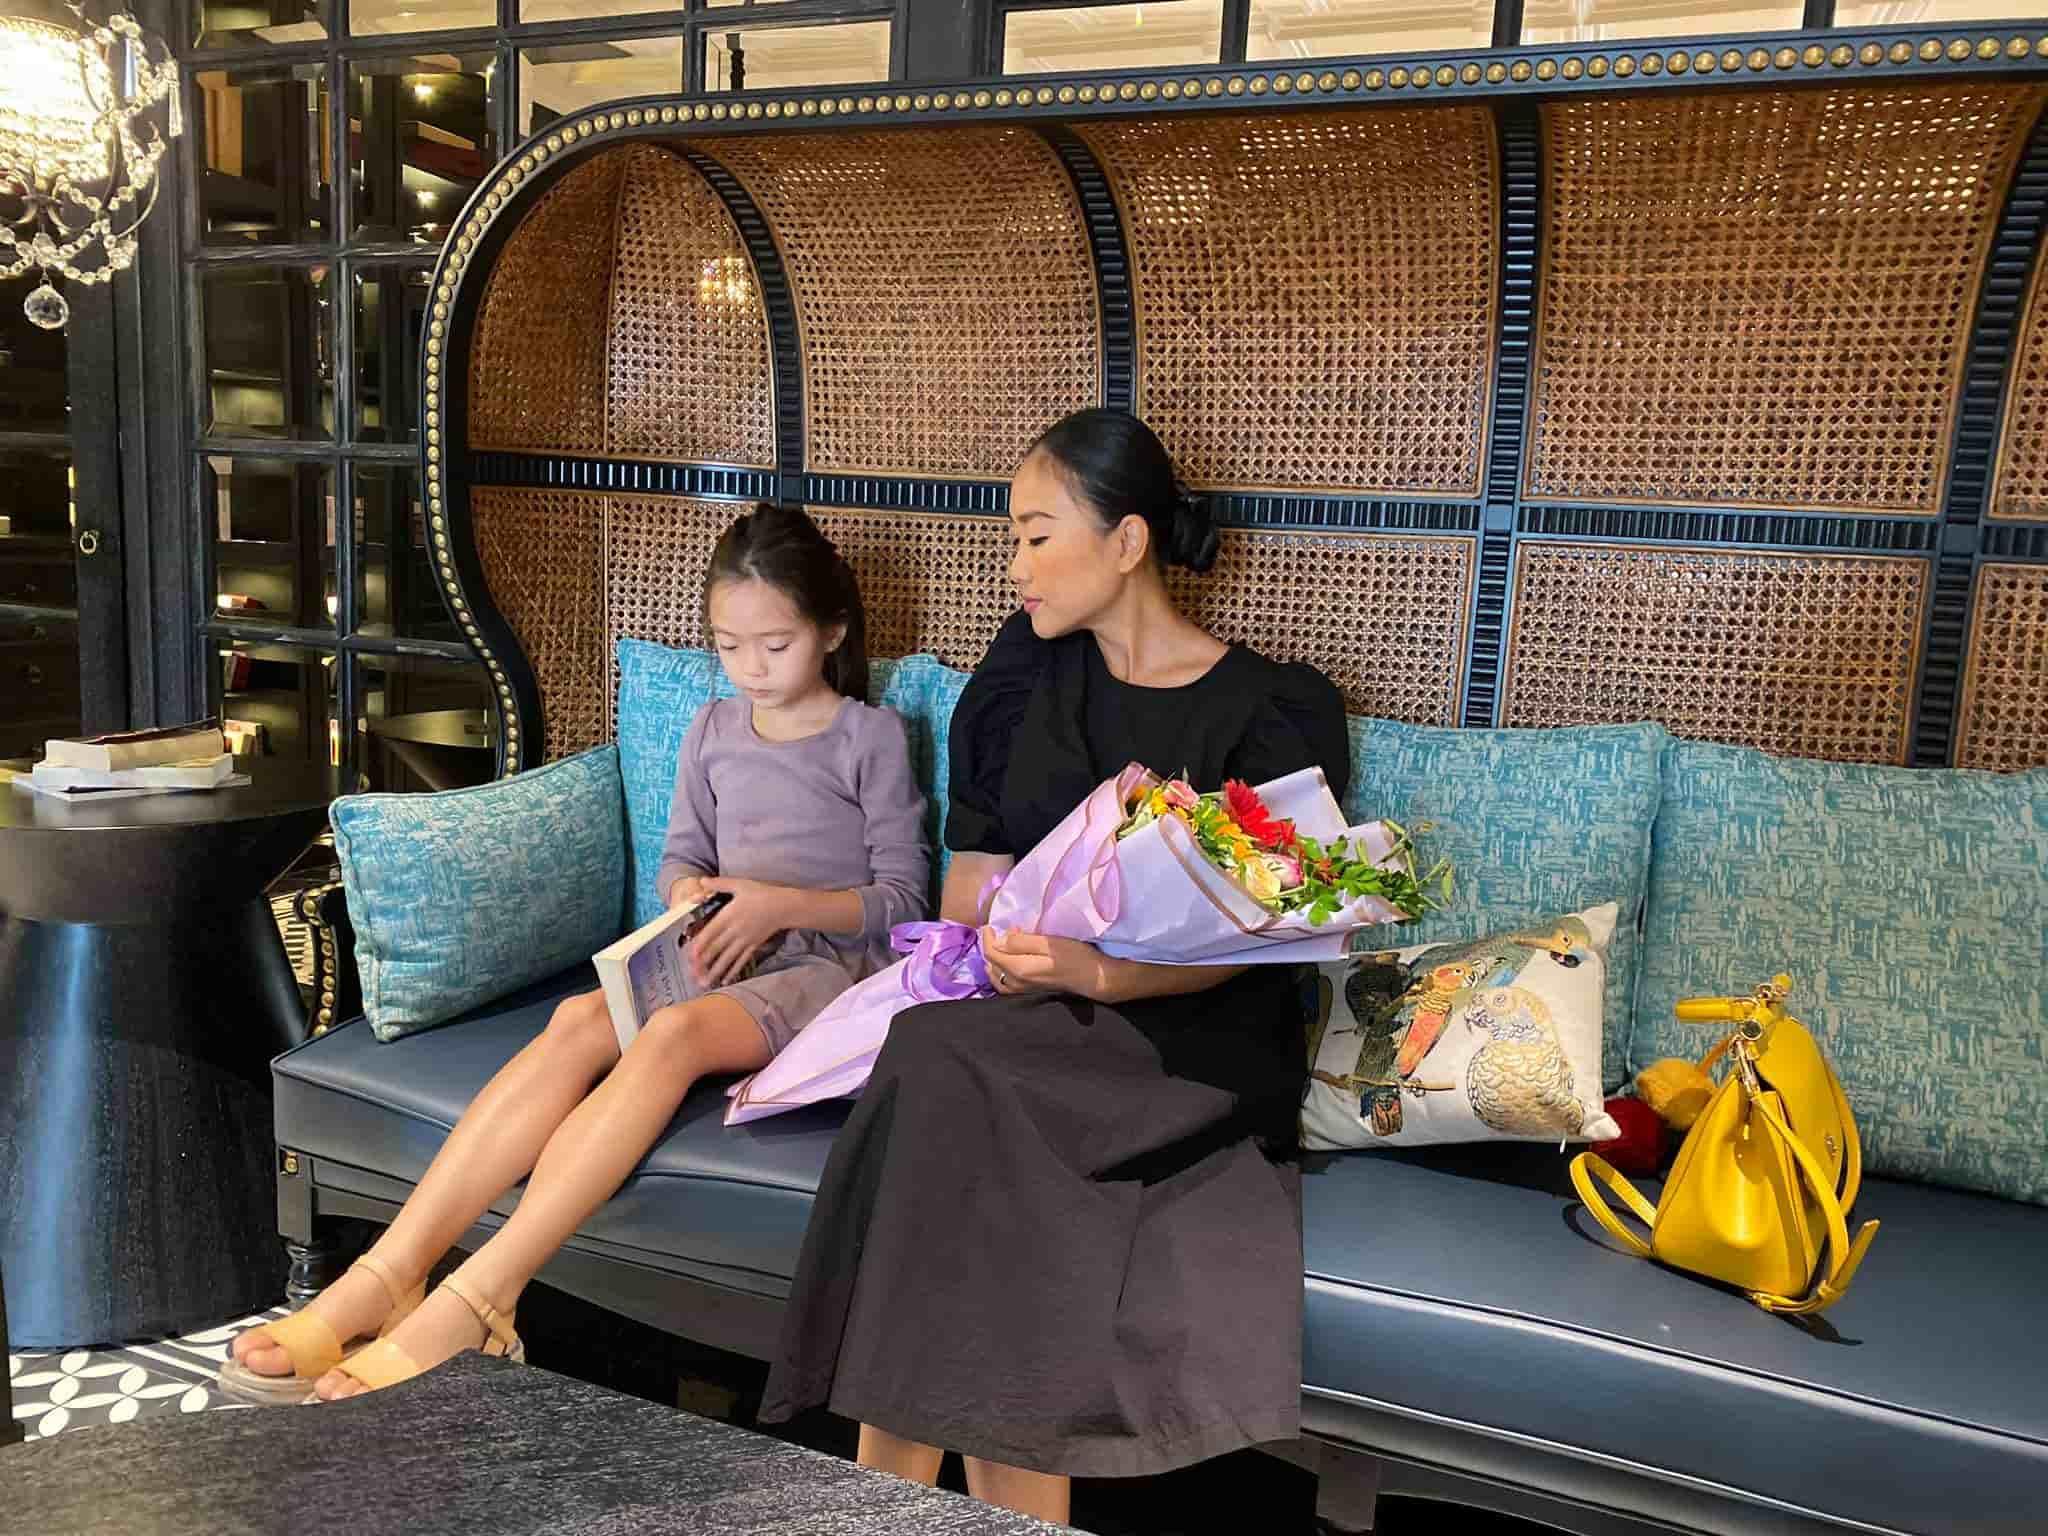 Mới 7 tuổi, con gái Đoan Trangkhoe đôi chân dài tựa siêu mẫu amp;#34;lấn átamp;#34; mẹ - 4